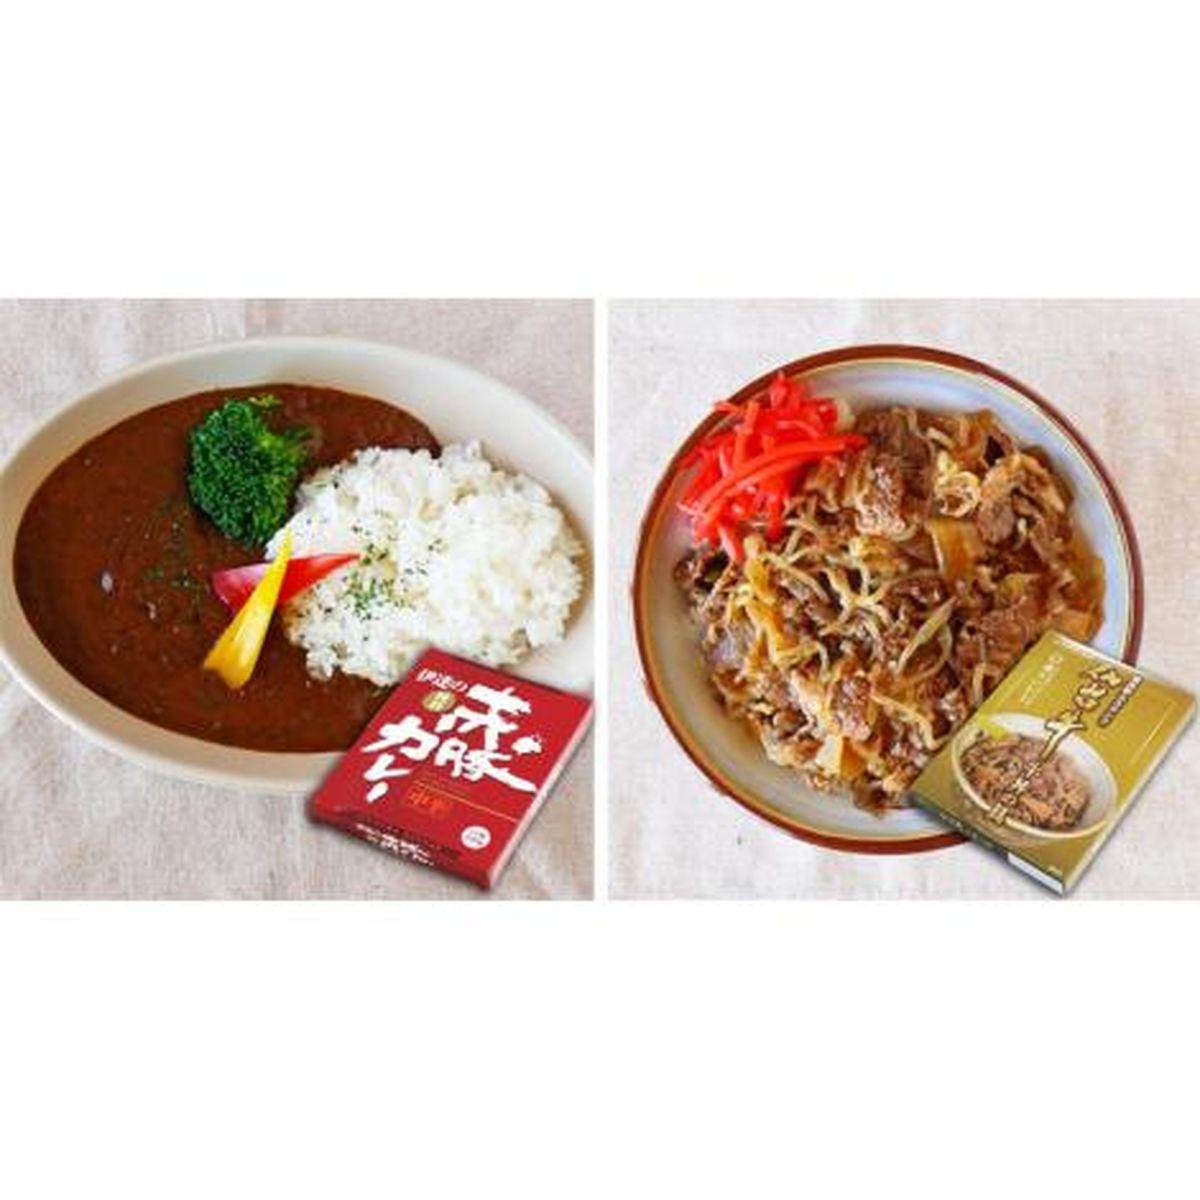 【送料無料】伊豆沼農産 仙台牛丼・赤豚カレー食べ比べセット(6箱入)